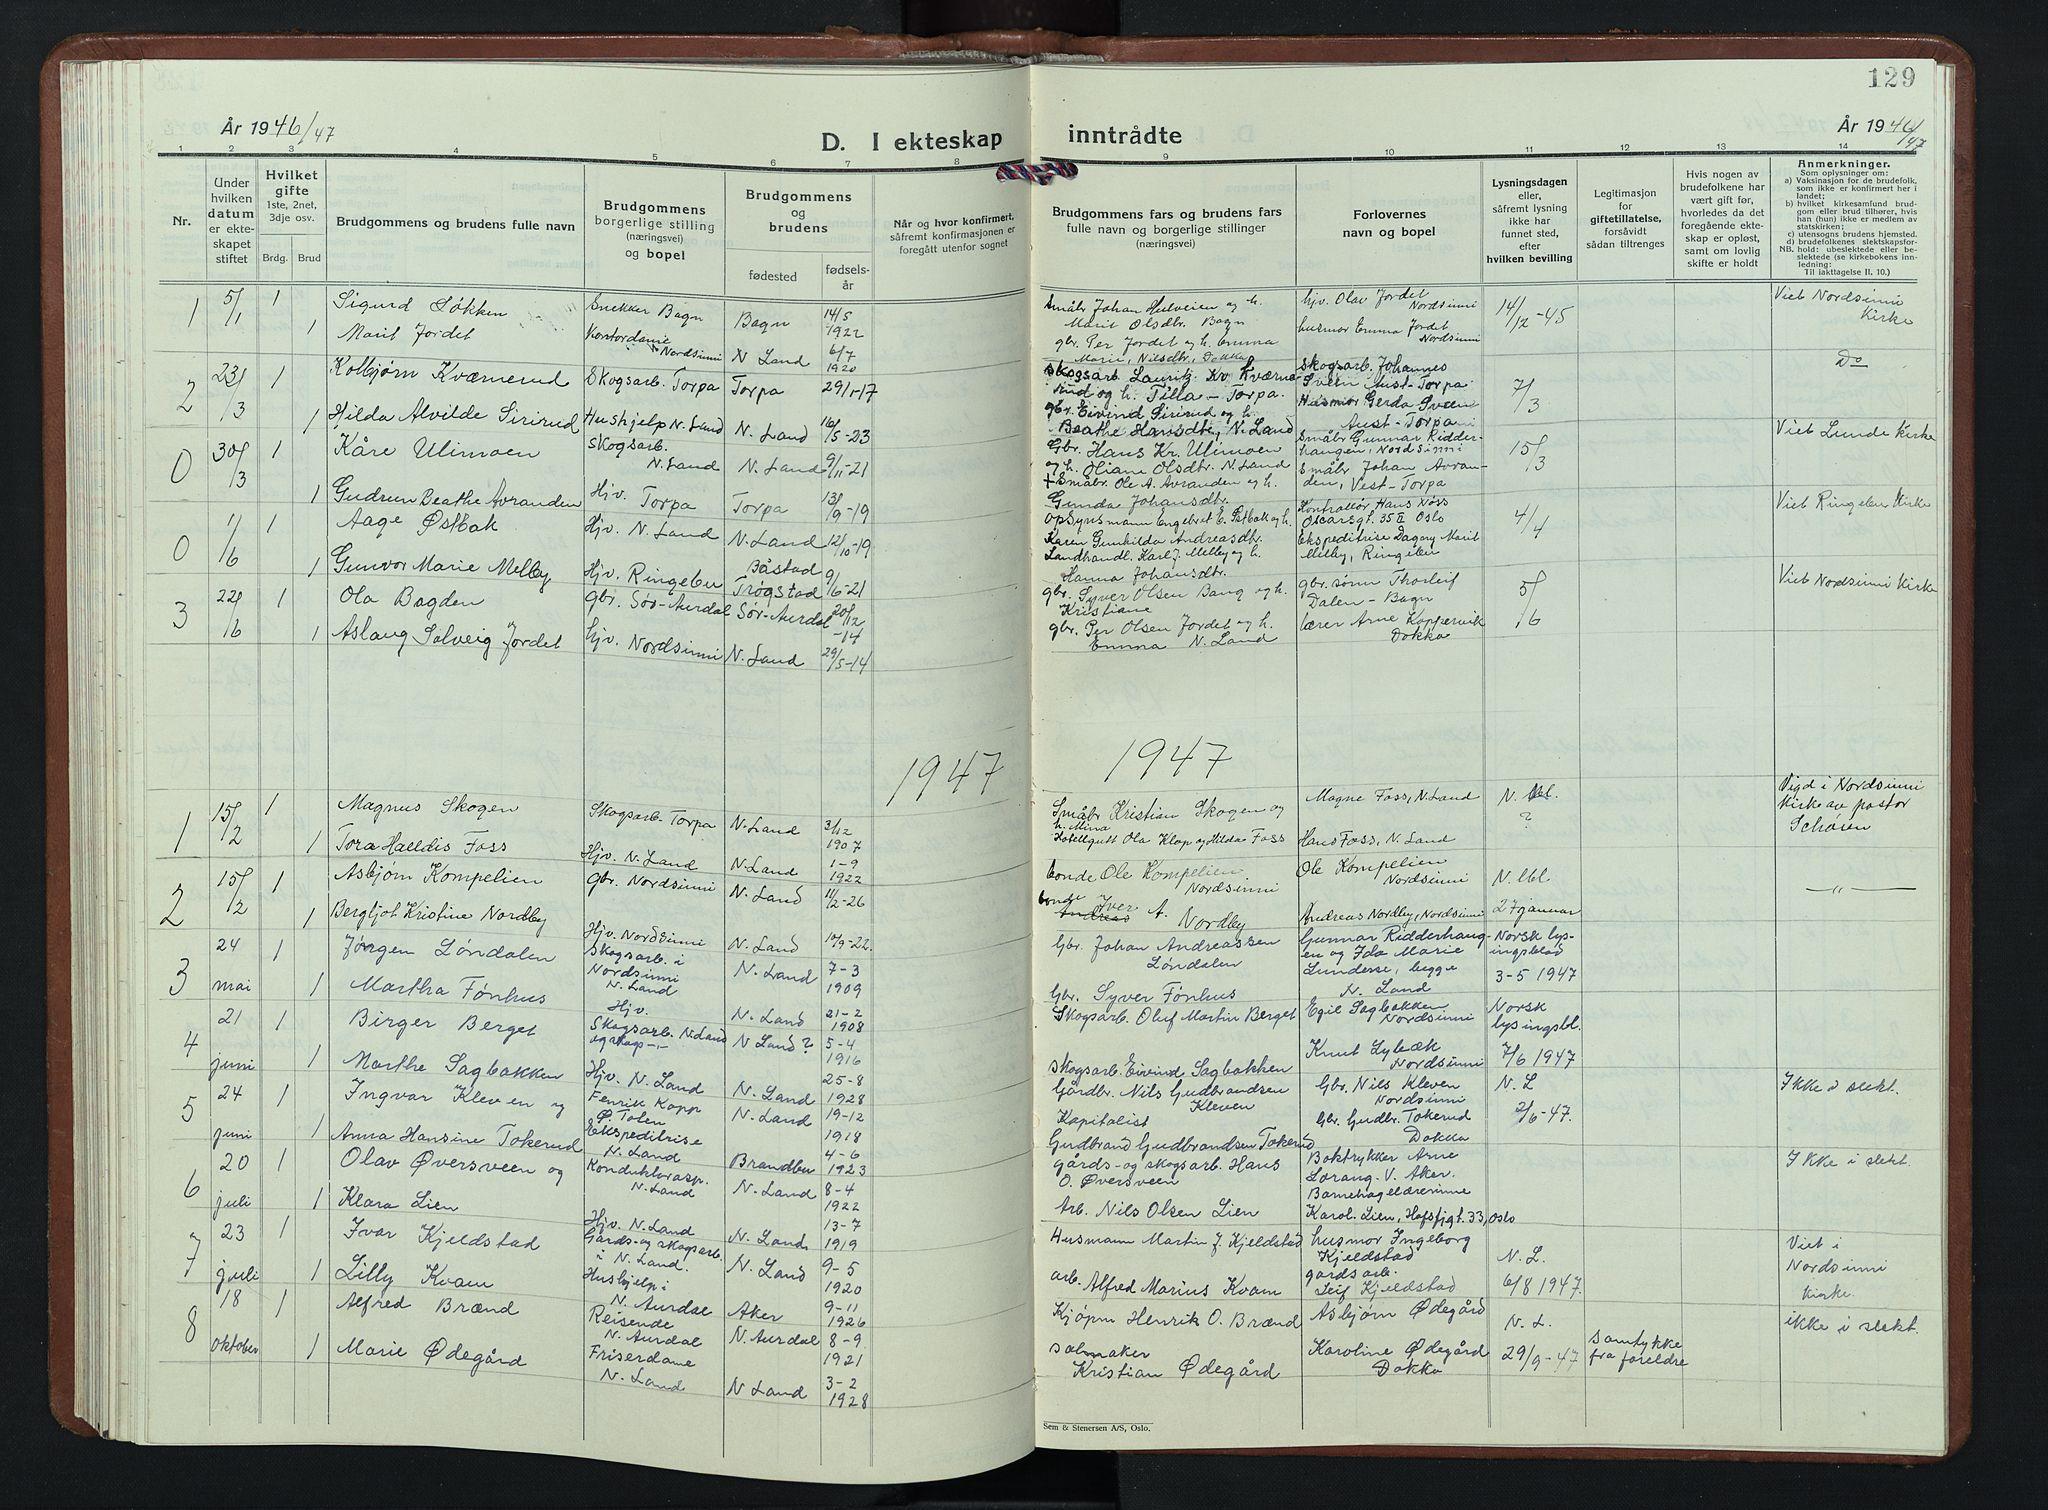 SAH, Nordre Land prestekontor, Klokkerbok nr. 7, 1930-1953, s. 129